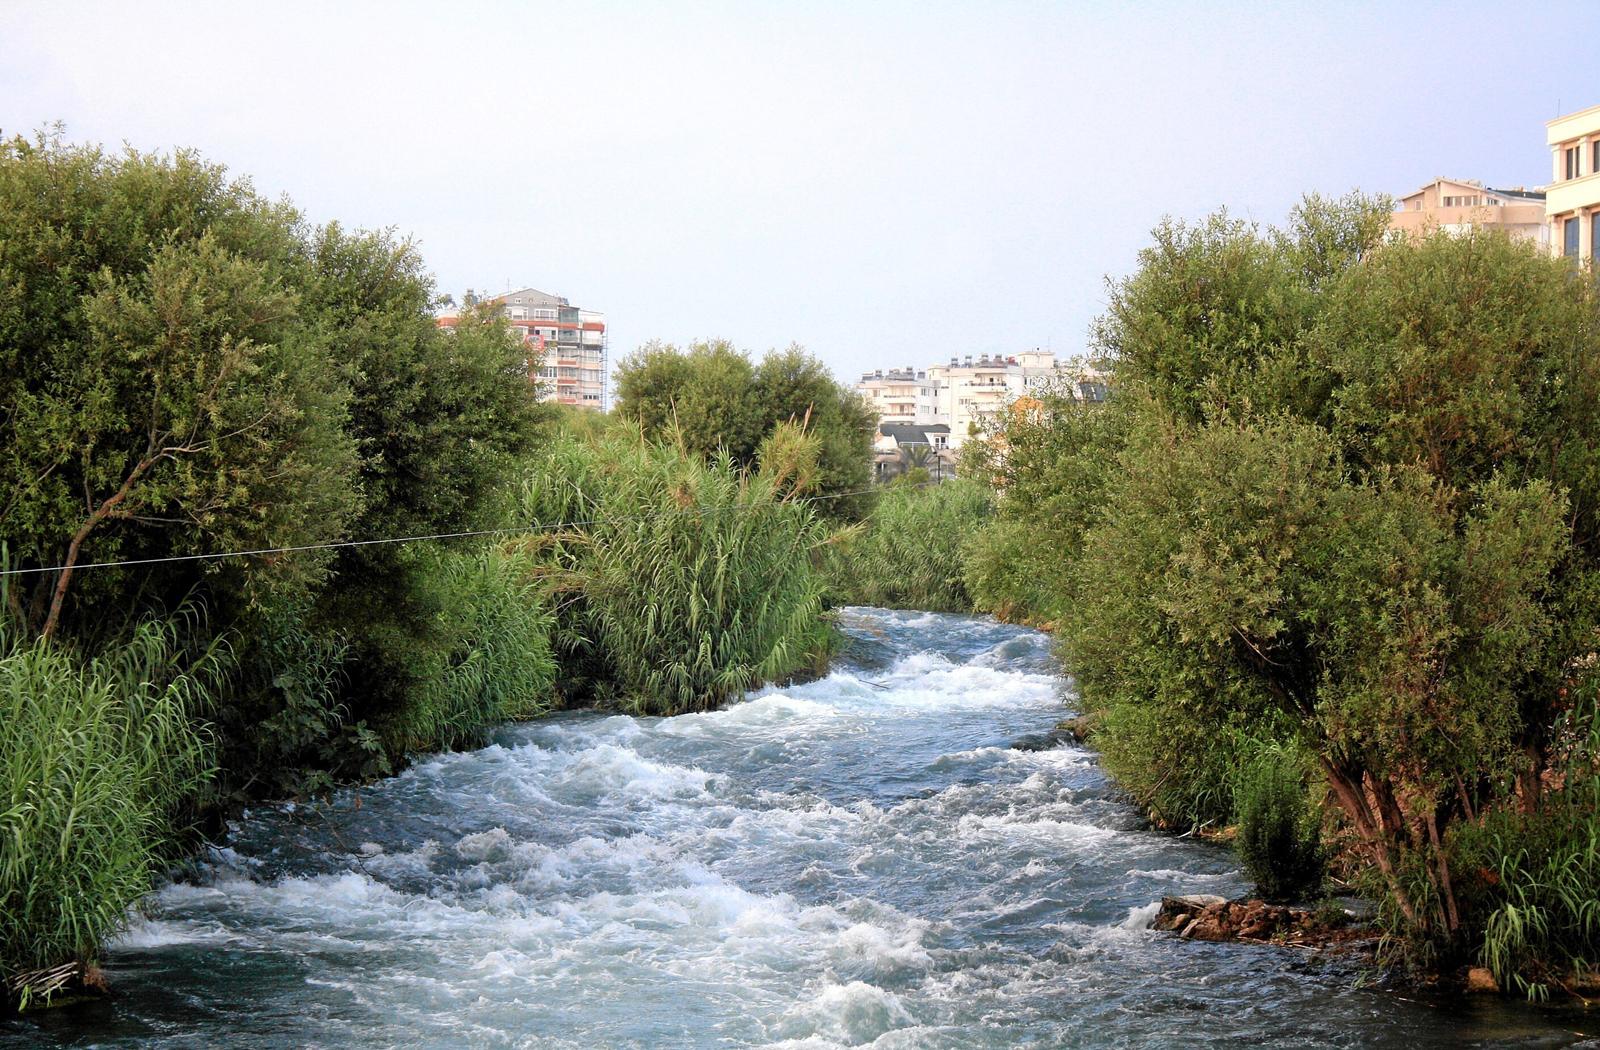 Основное русло реки Дюден